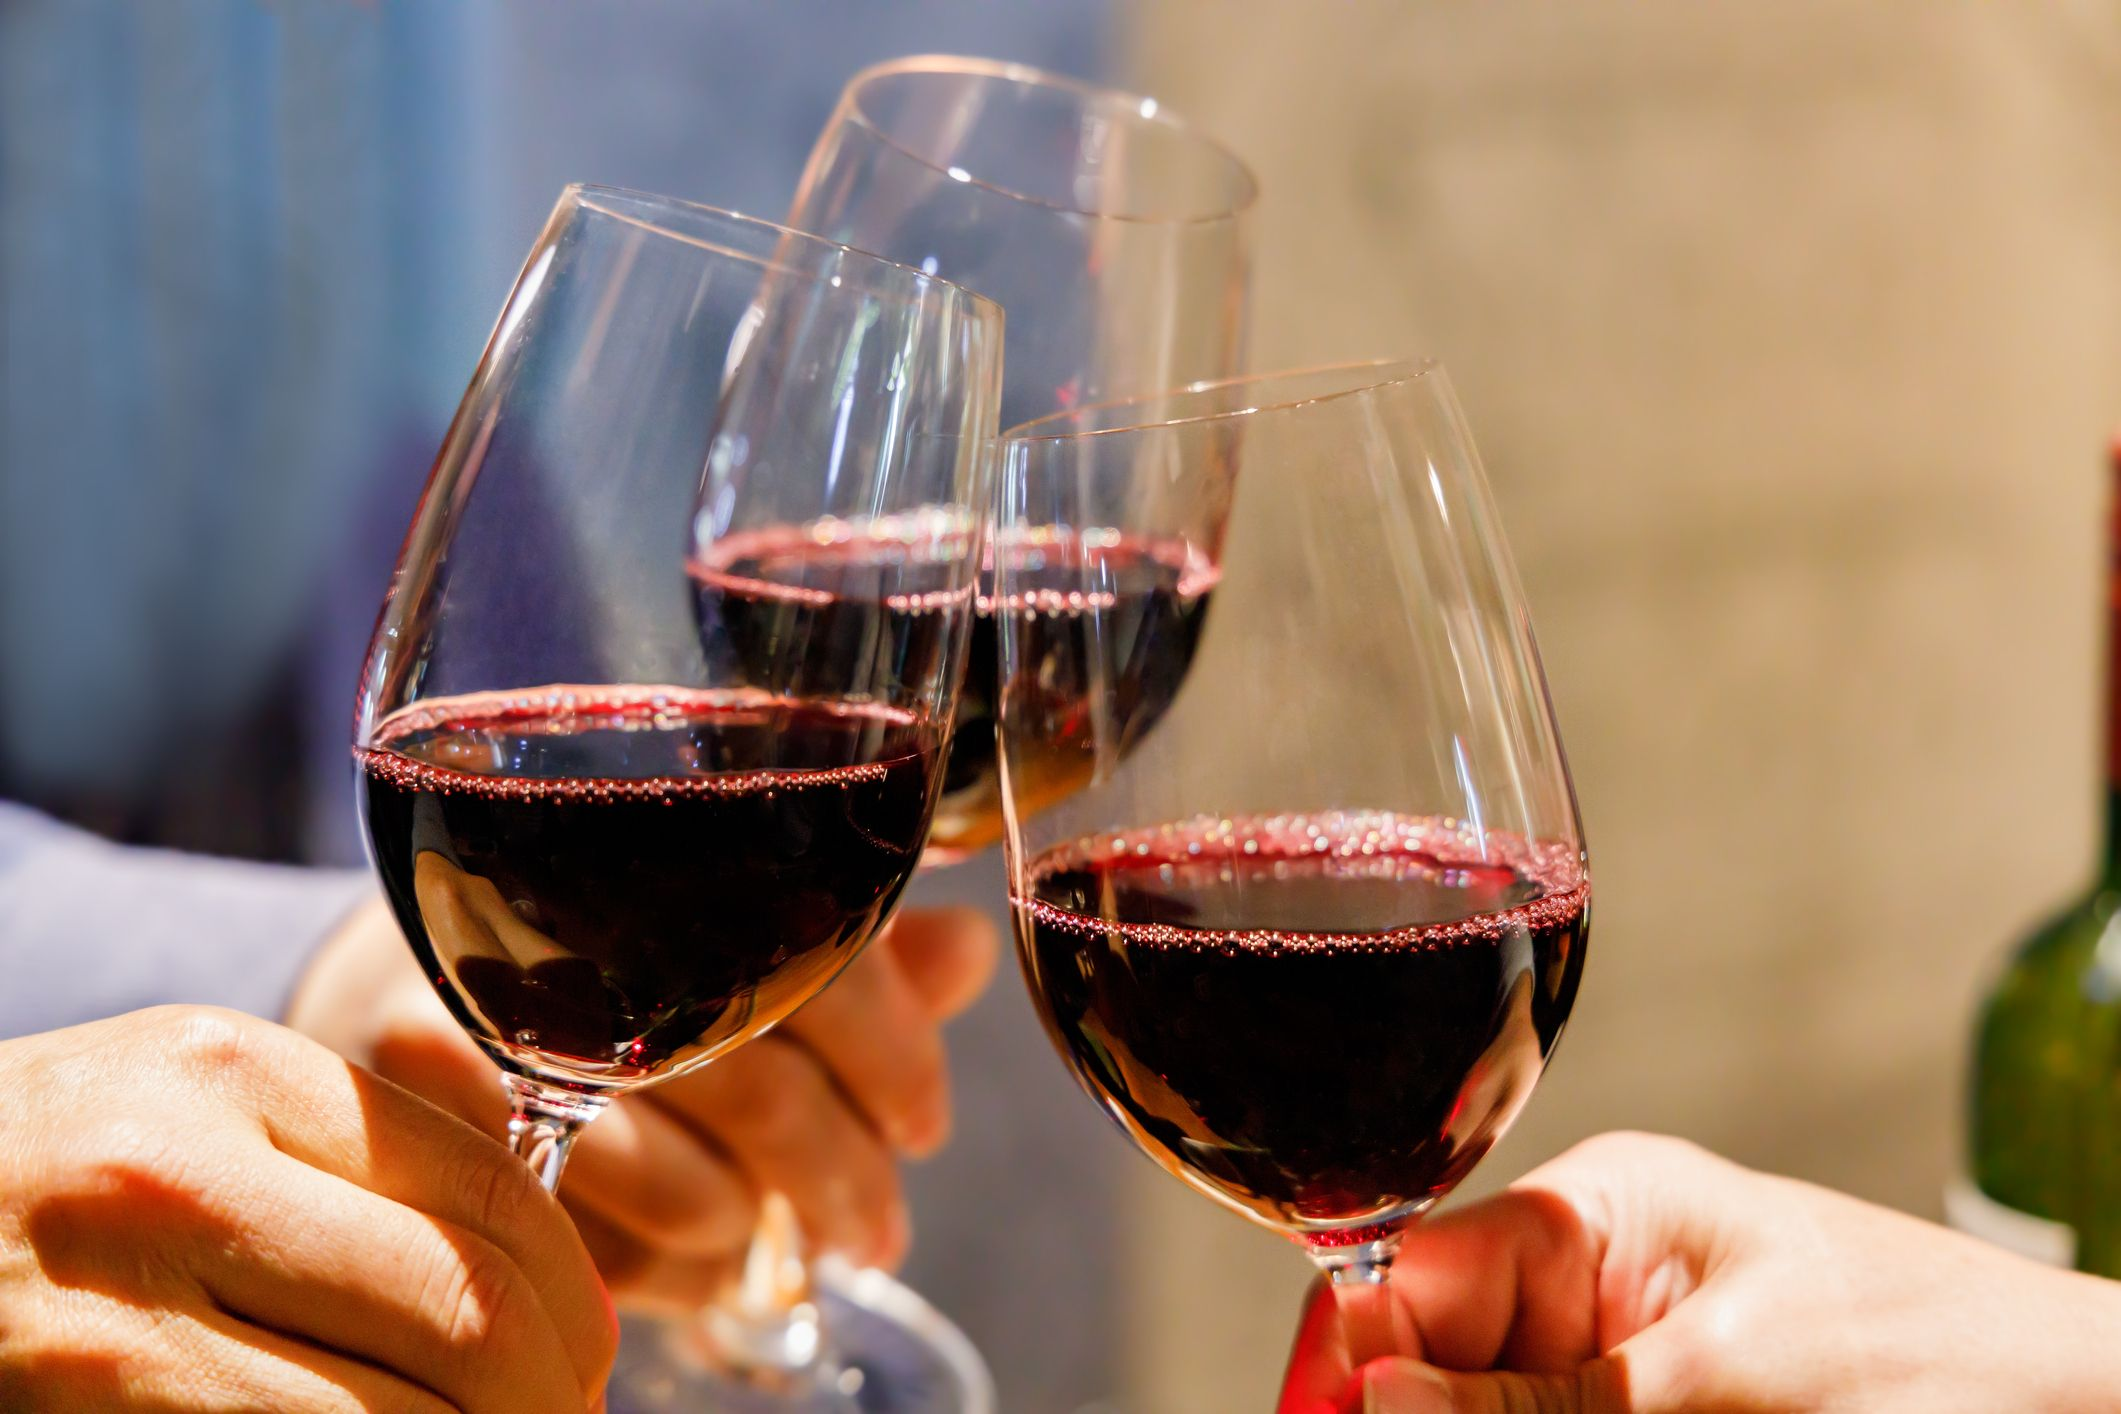 红酒-葡萄酒-自酿葡萄酒-葡萄酒怎么做-葡萄酒的制作方法